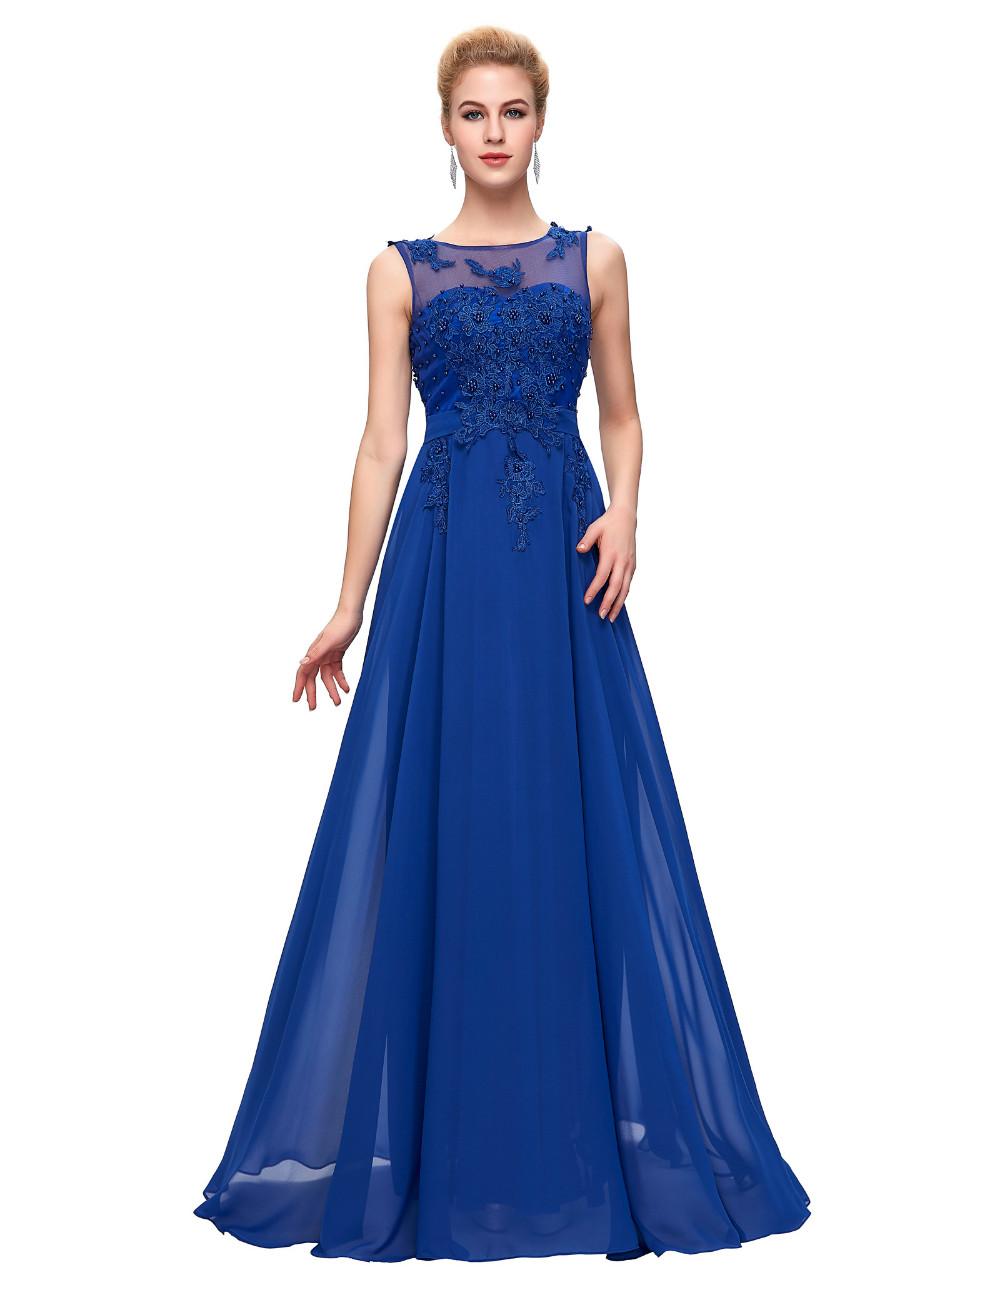 uzun abiye dantel ve işlemeli ,abiye elbise,kısa abiye,uzun abiye,ucuz abiye,mezuniyet elbise,abiye satın al